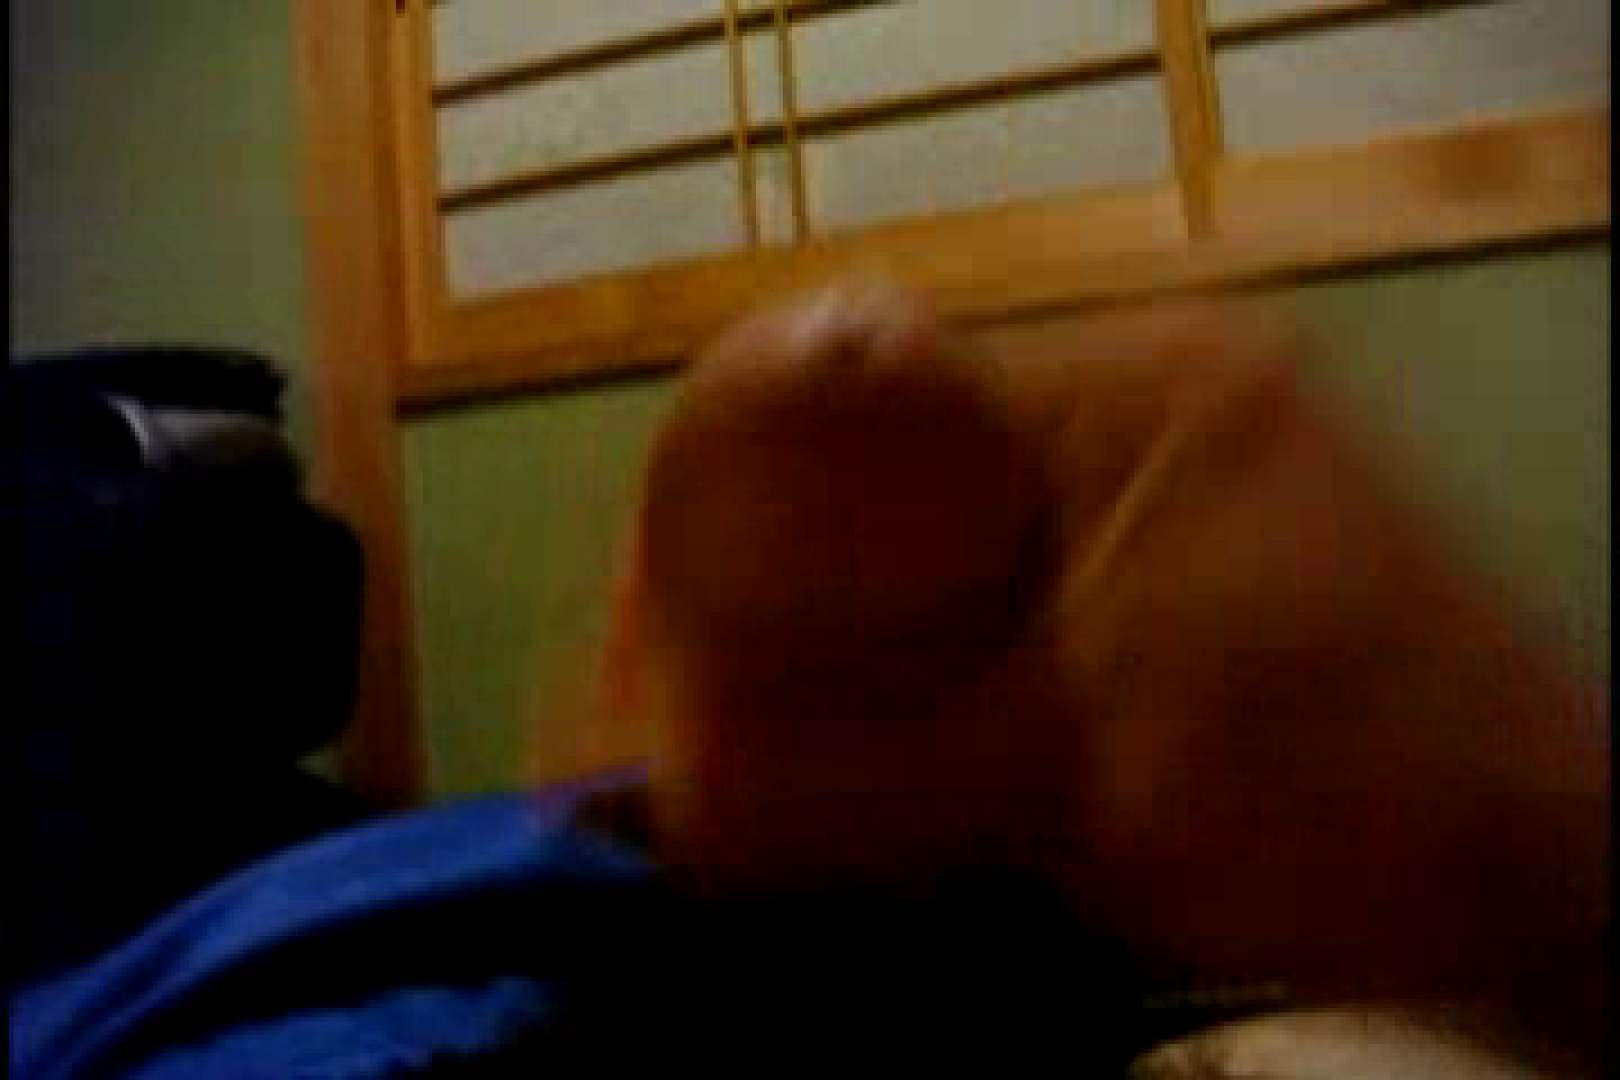 オナ好きノンケテニス部員の自画撮り投稿vol.02 射精 GAY無修正エロ動画 76枚 22